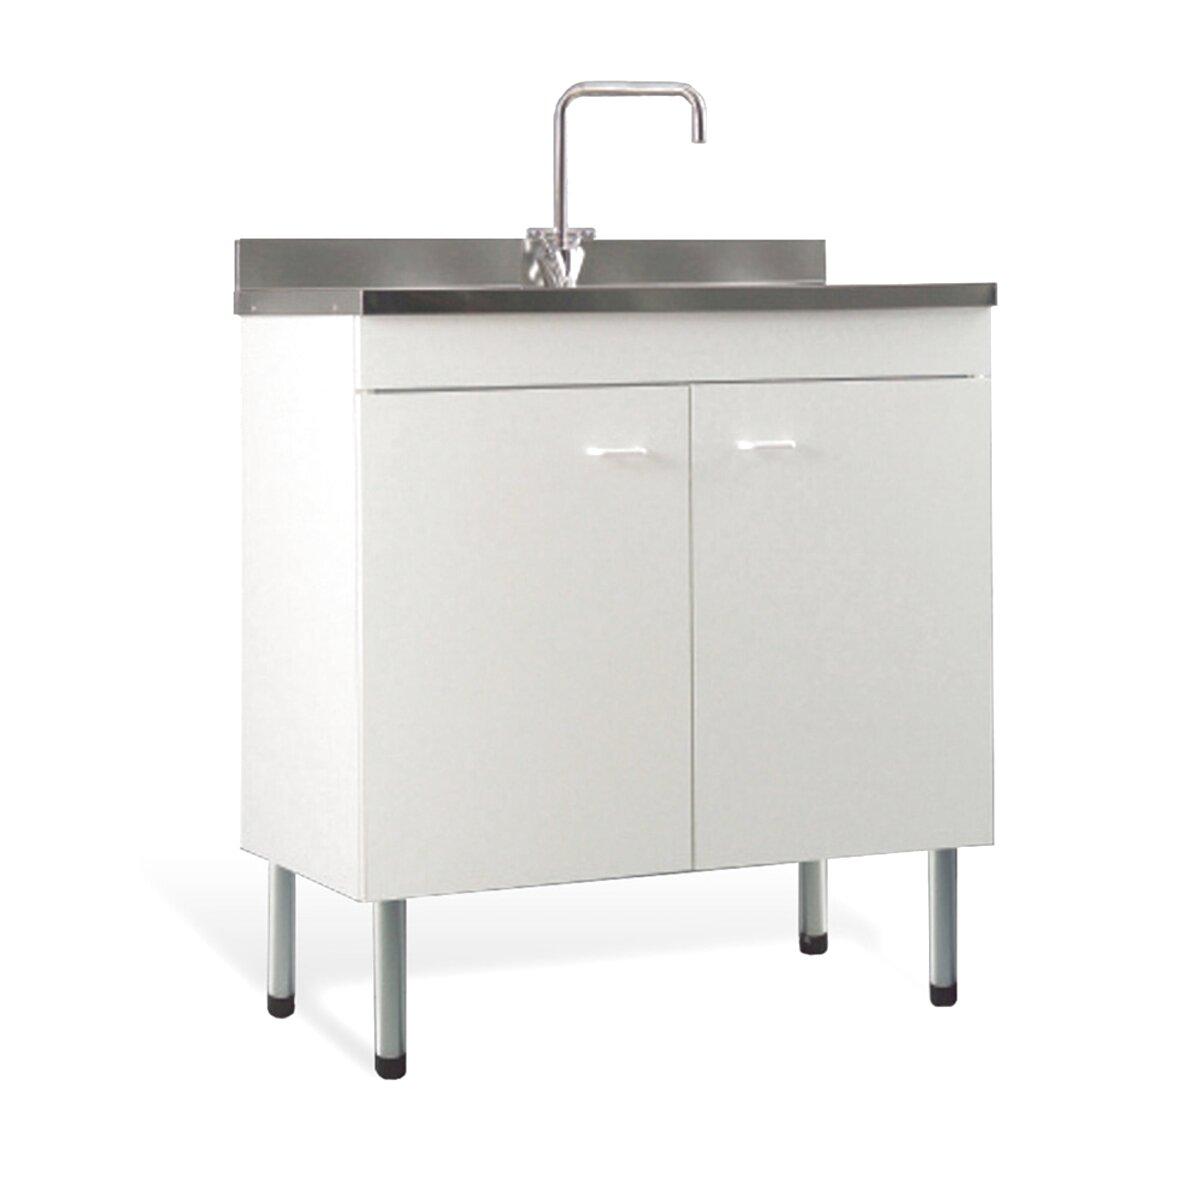 Mobile Per Lavabo Cucina mobile per cucina sottolavello bianco due ante rev